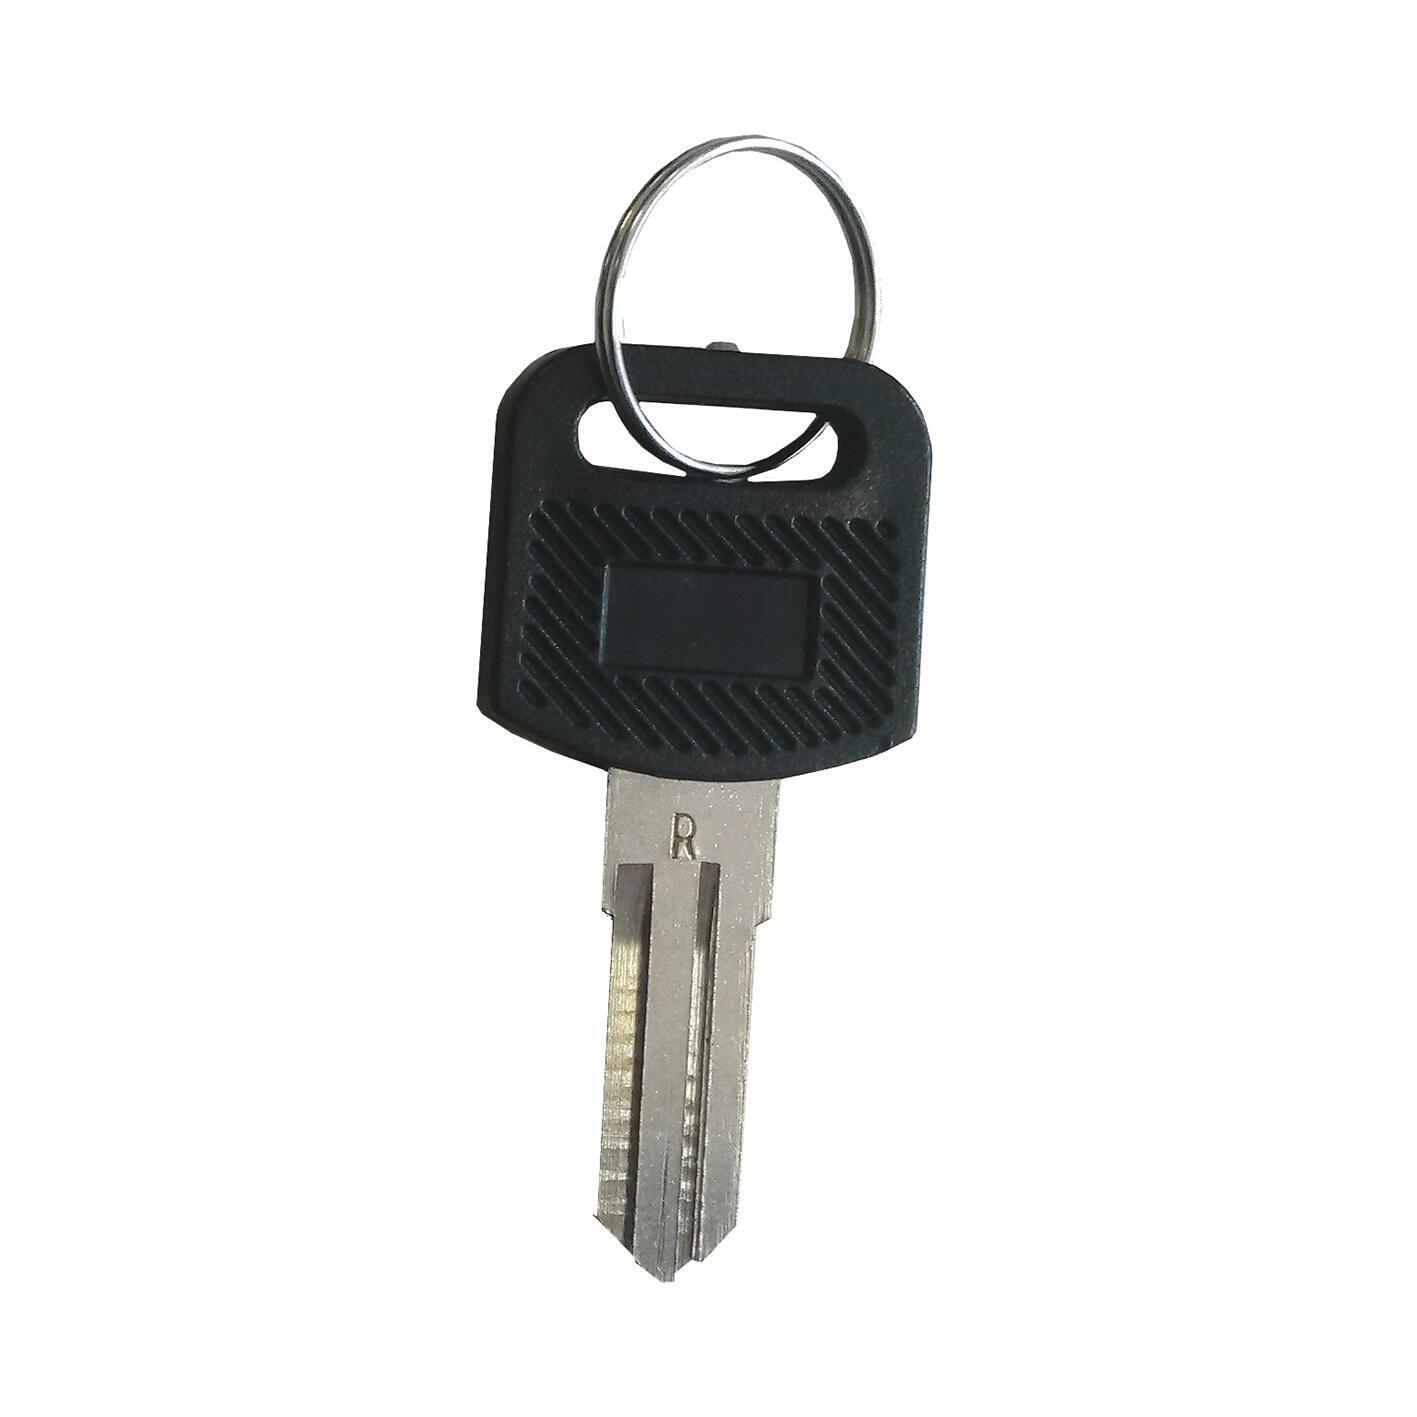 Kit serratura della cassetta postale in acciaio L 2 x H 4 cm - 2